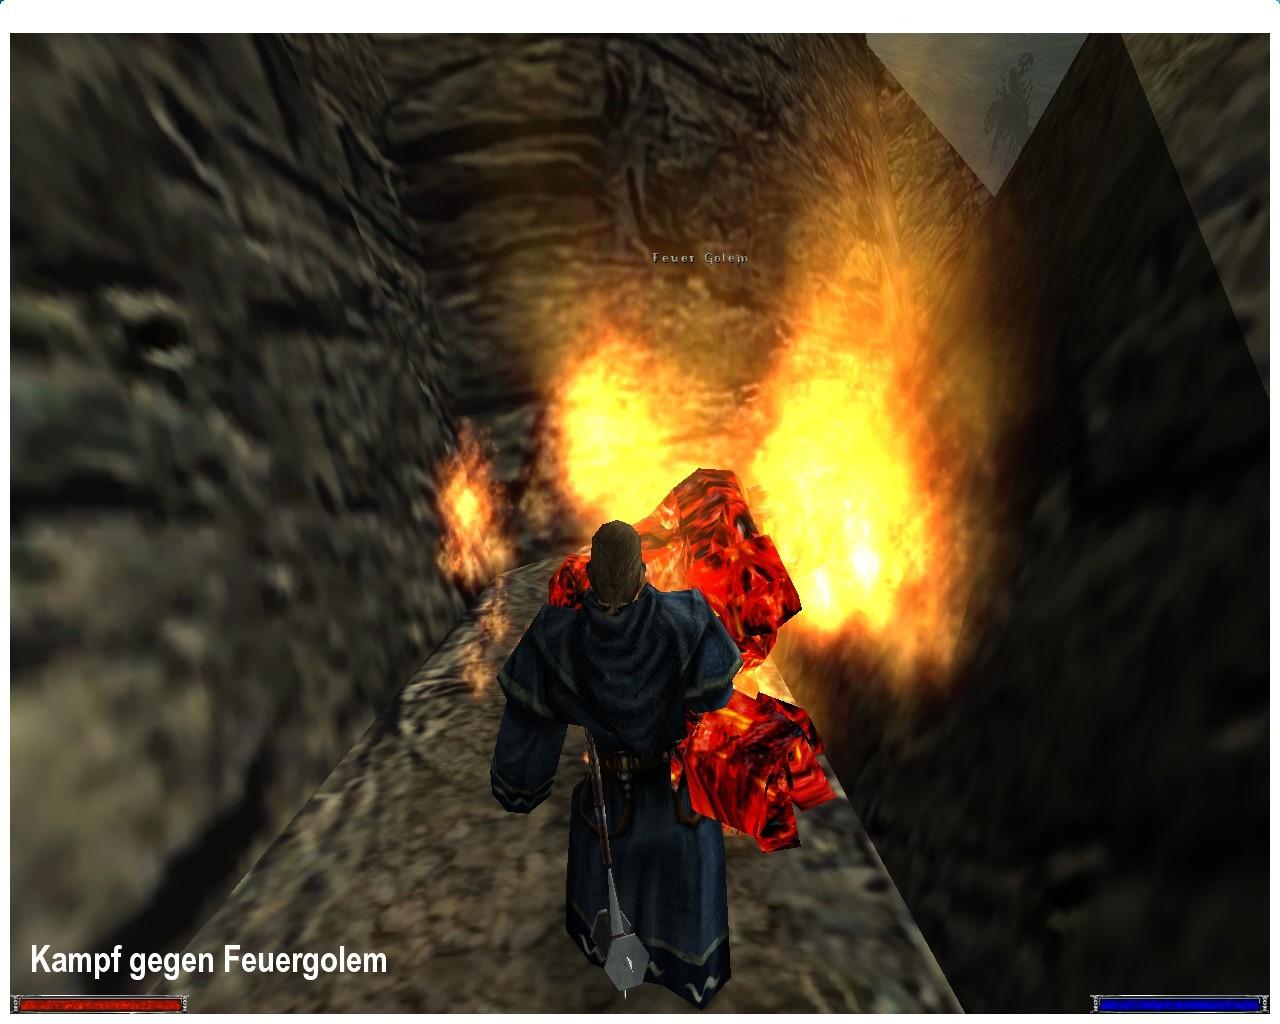 36 Gothic - Kampf gegen Feuergolem.jpg